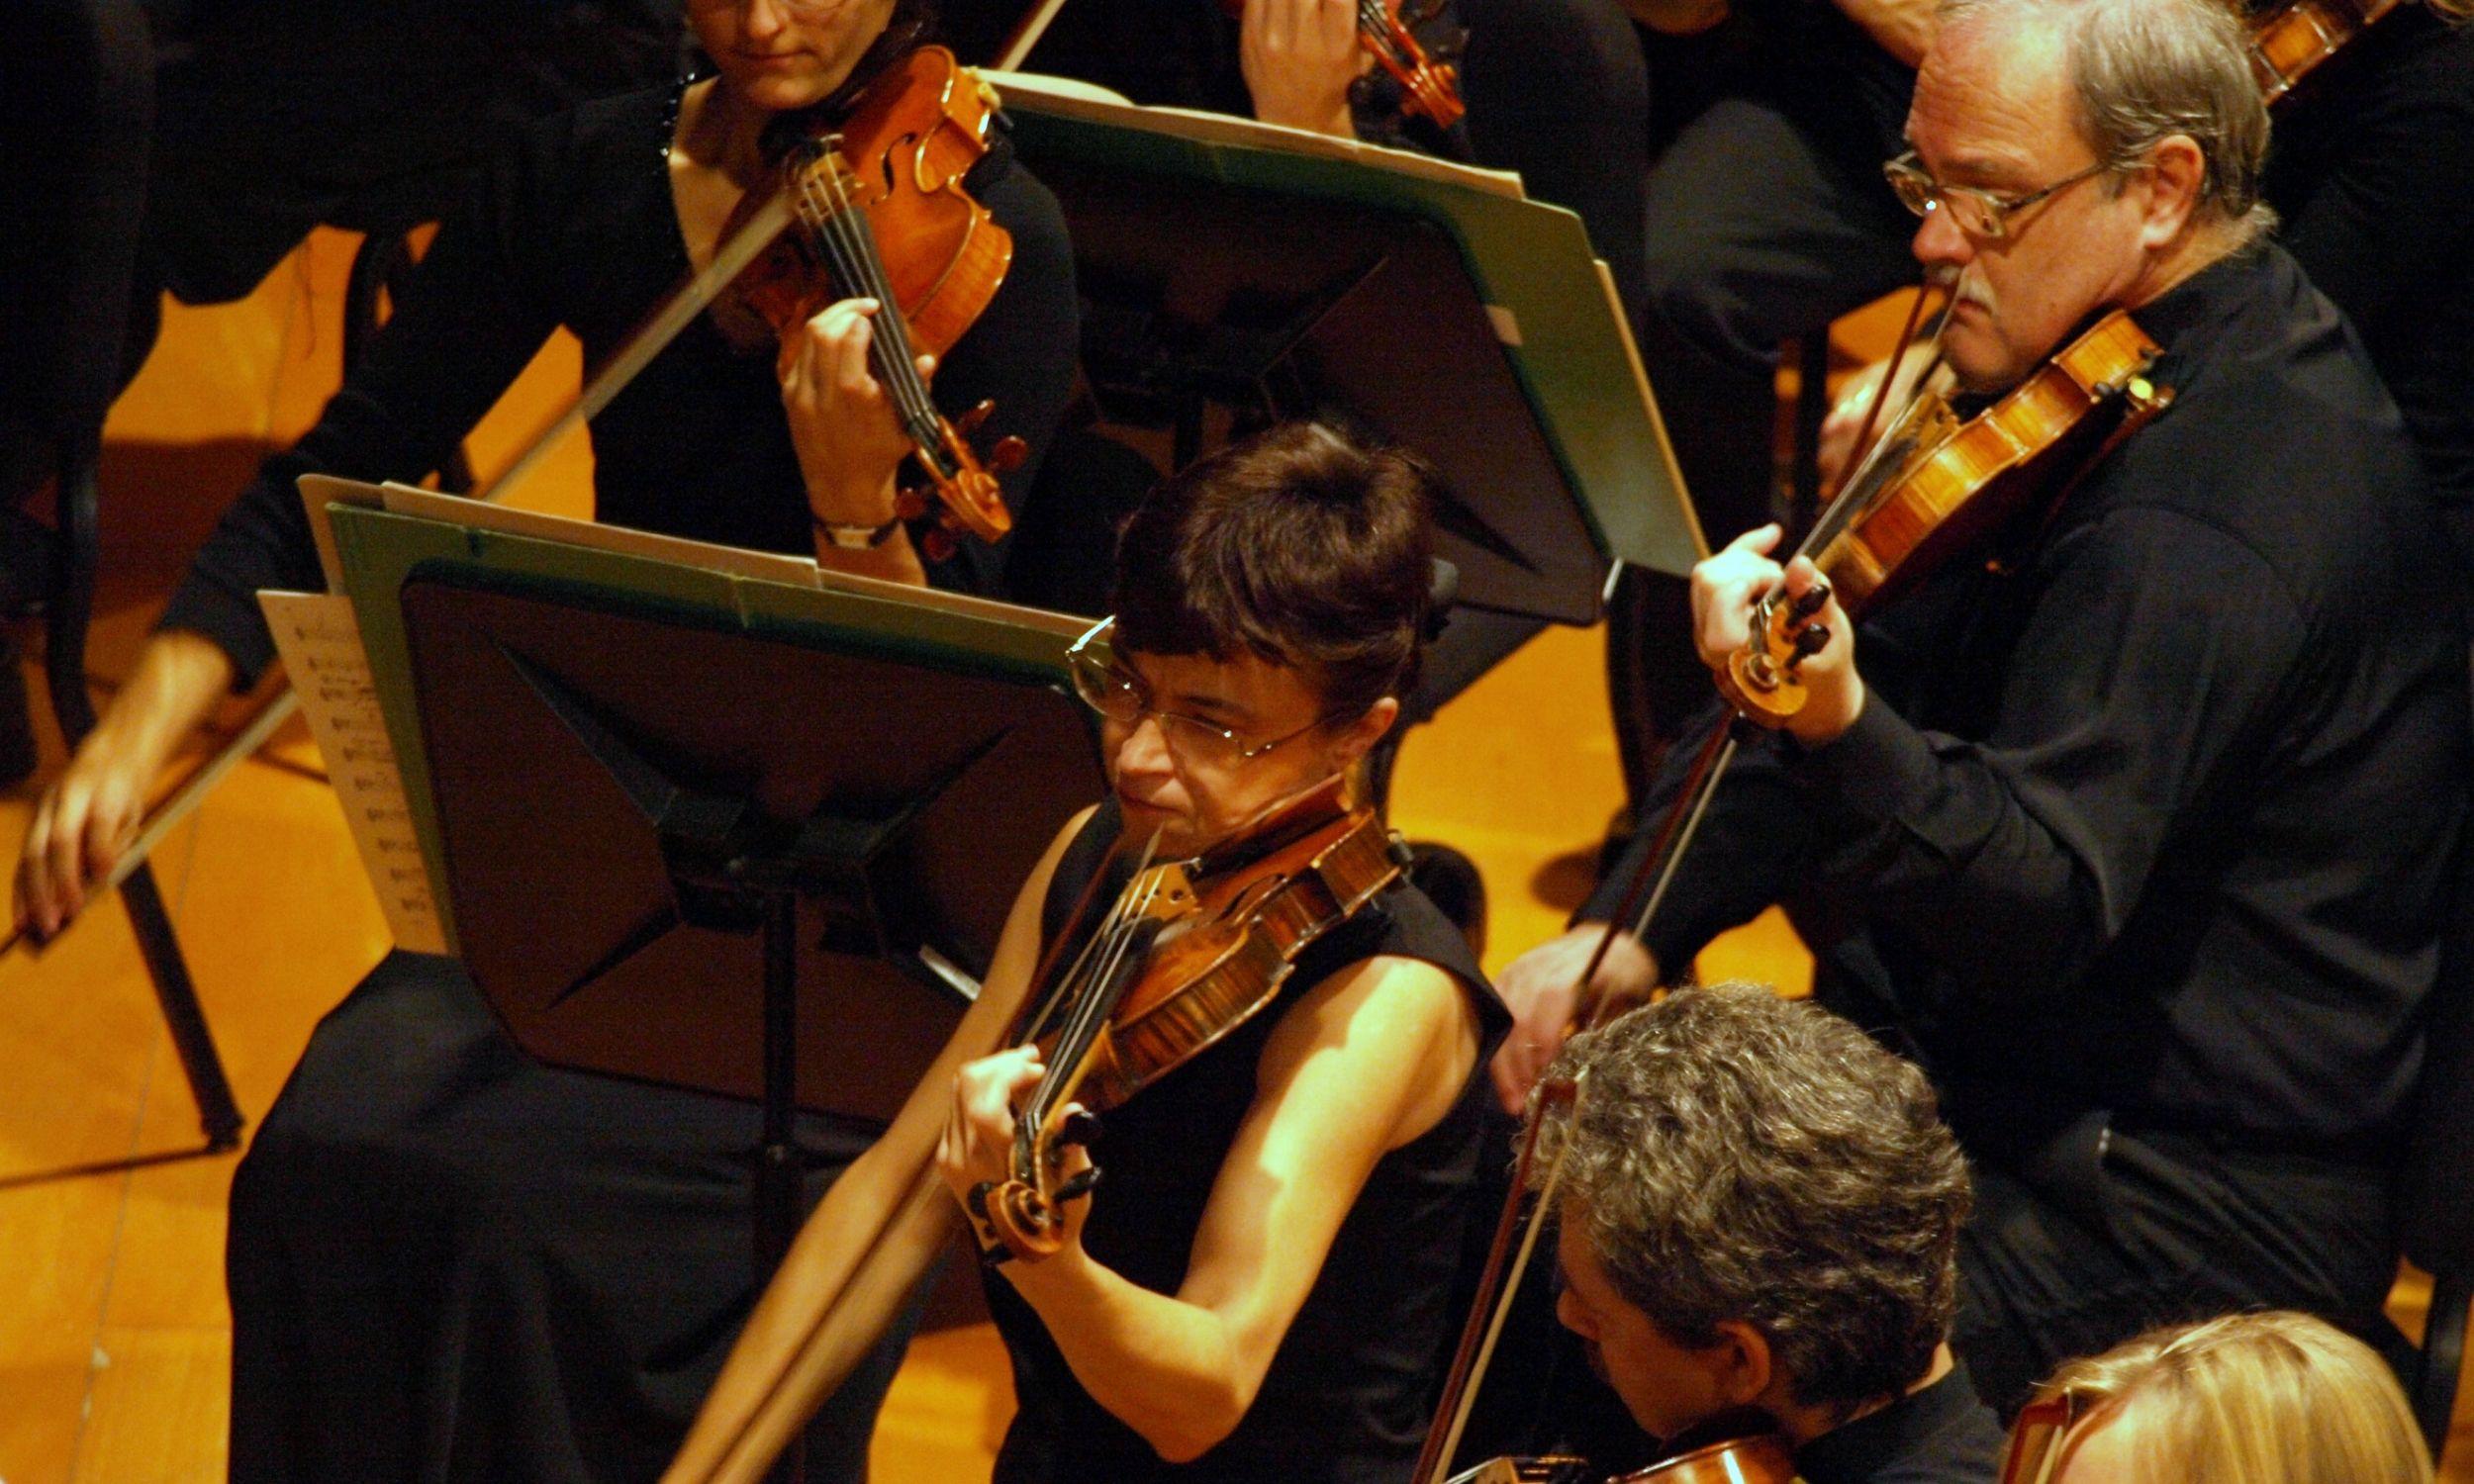 Orkiestra w Katowicach była na wysokim poziomie, a ta w Palmie, kiedy do niej dołączyłam, istniała zaledwie od roku. Jej skład był międzynarodowy, muzycy o różnym poziomie. Musiało minąć sporo czasu, aby się wzajemnie dotrzeć – wspomina Barbara Walus (na zdjęciu). Fot. arch. prywatne BW